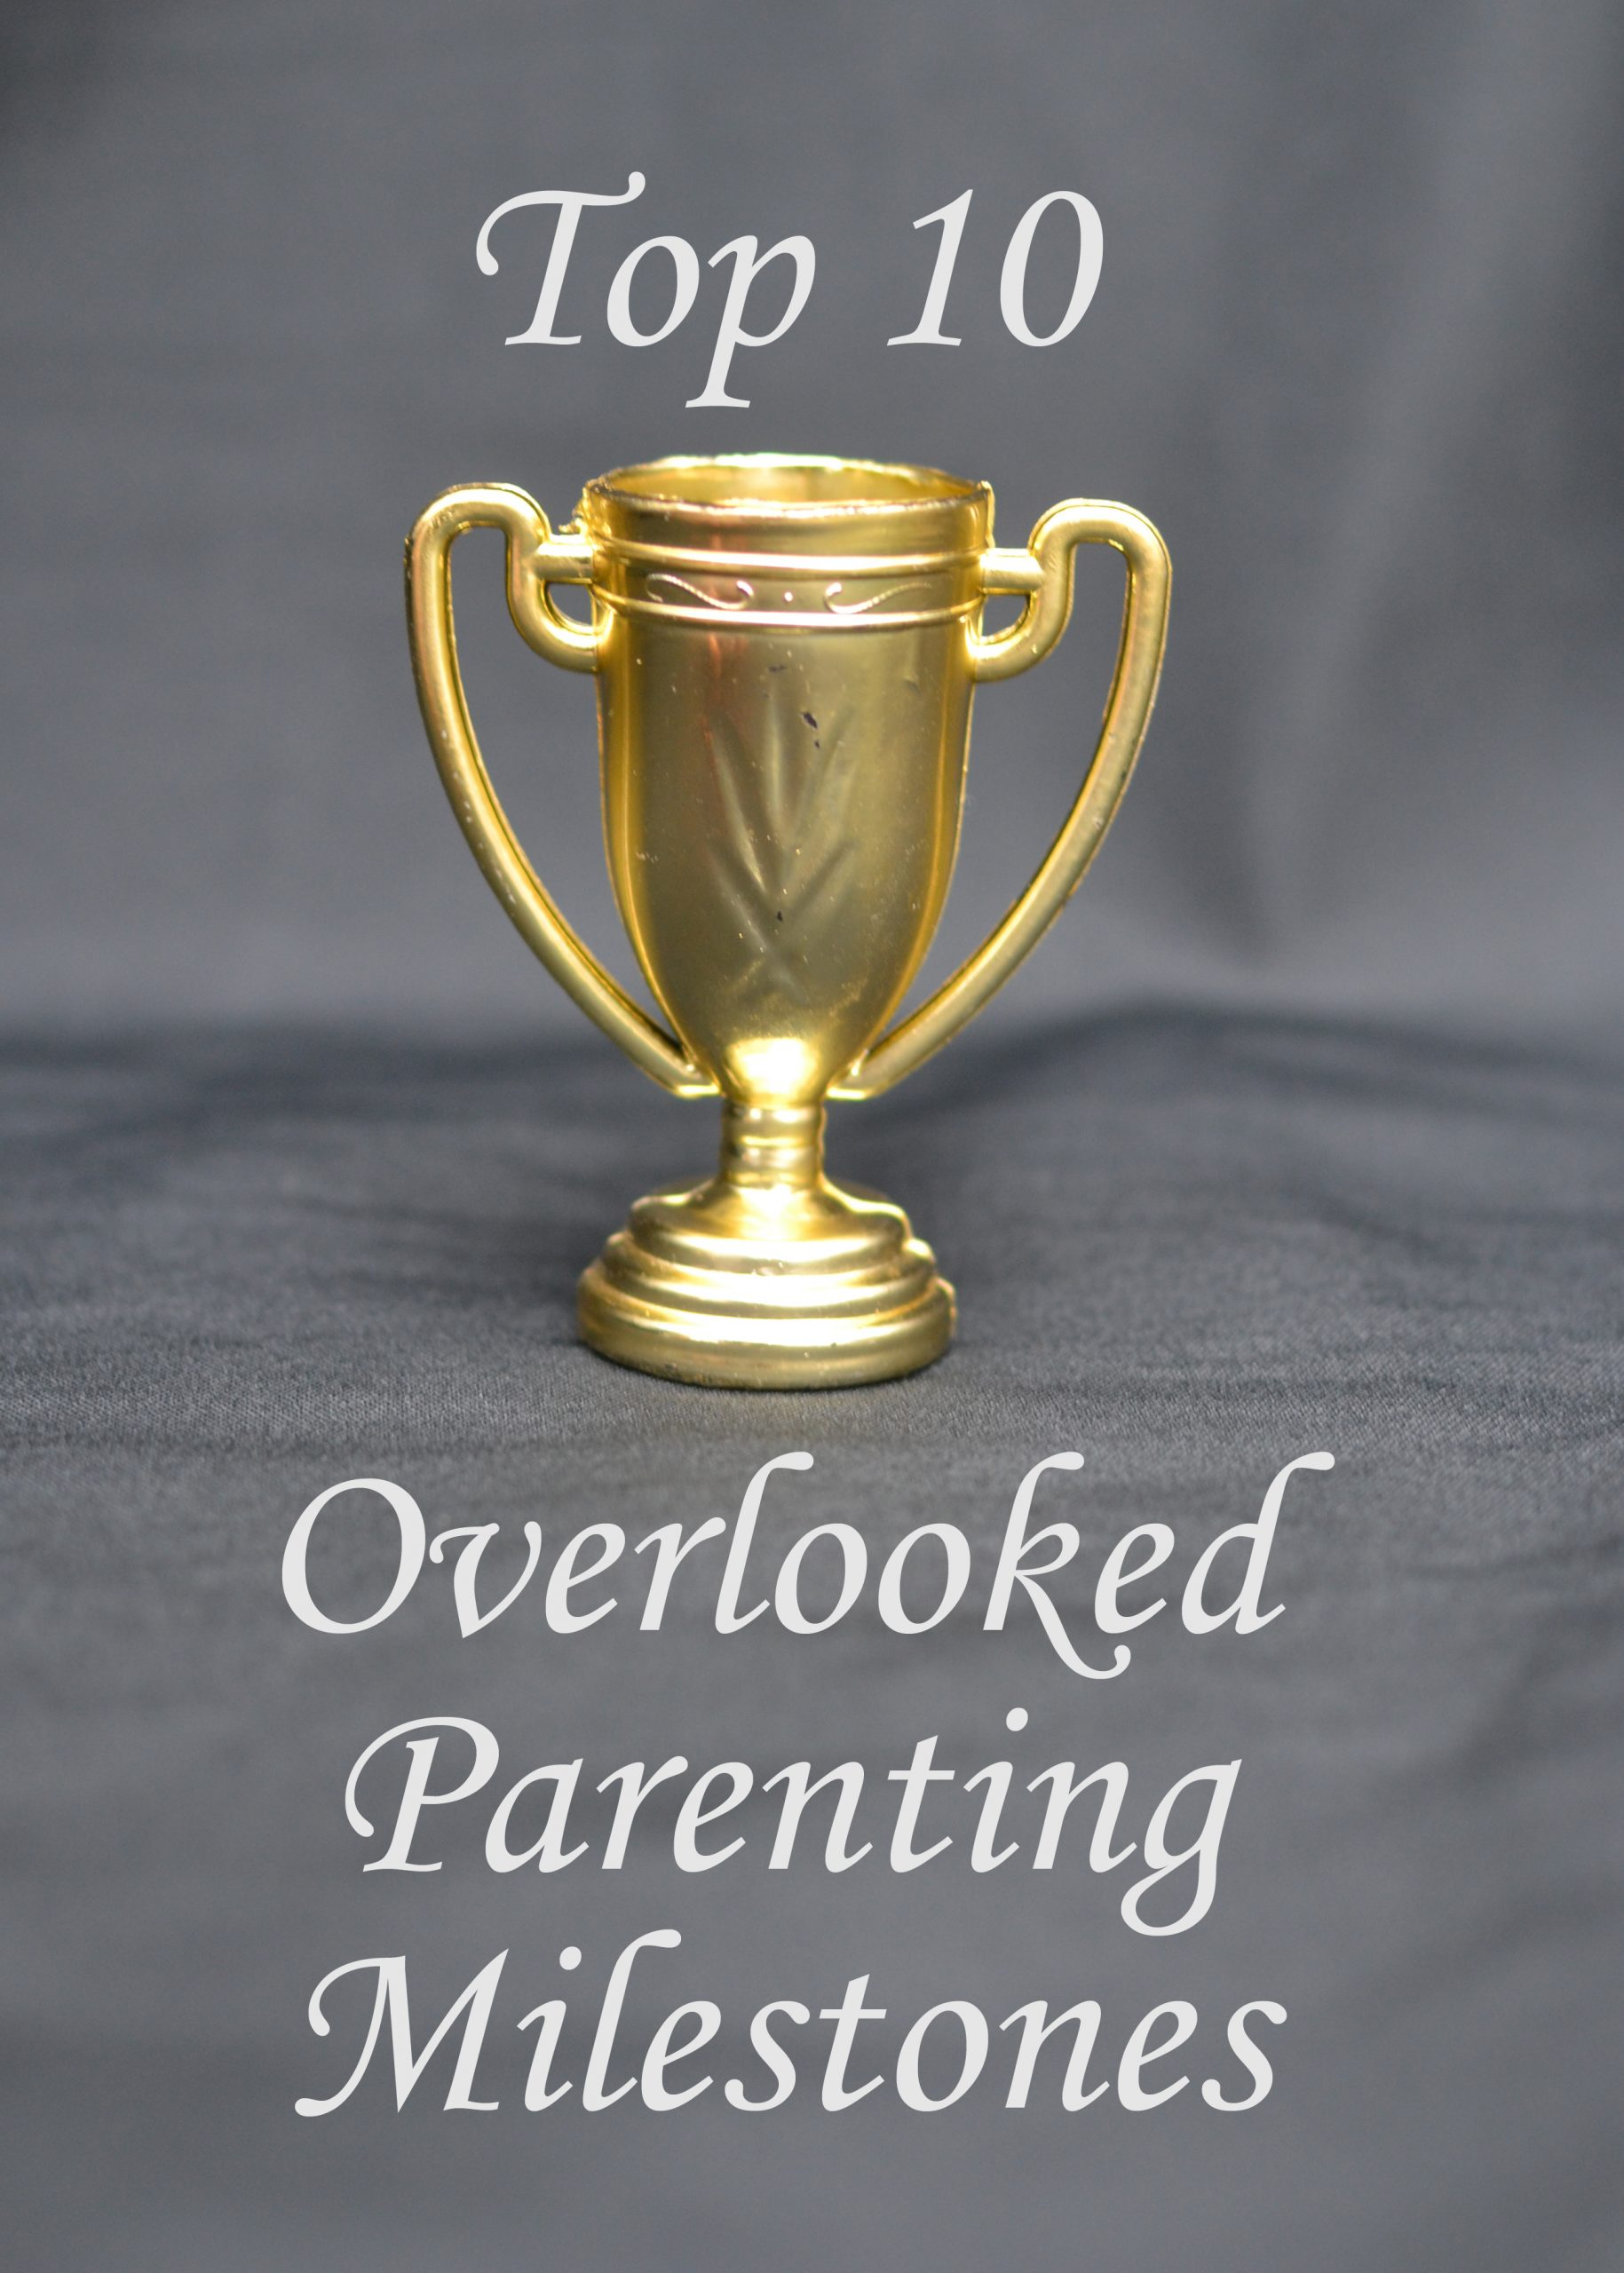 Top 10 Overlooked Parenting Milestones